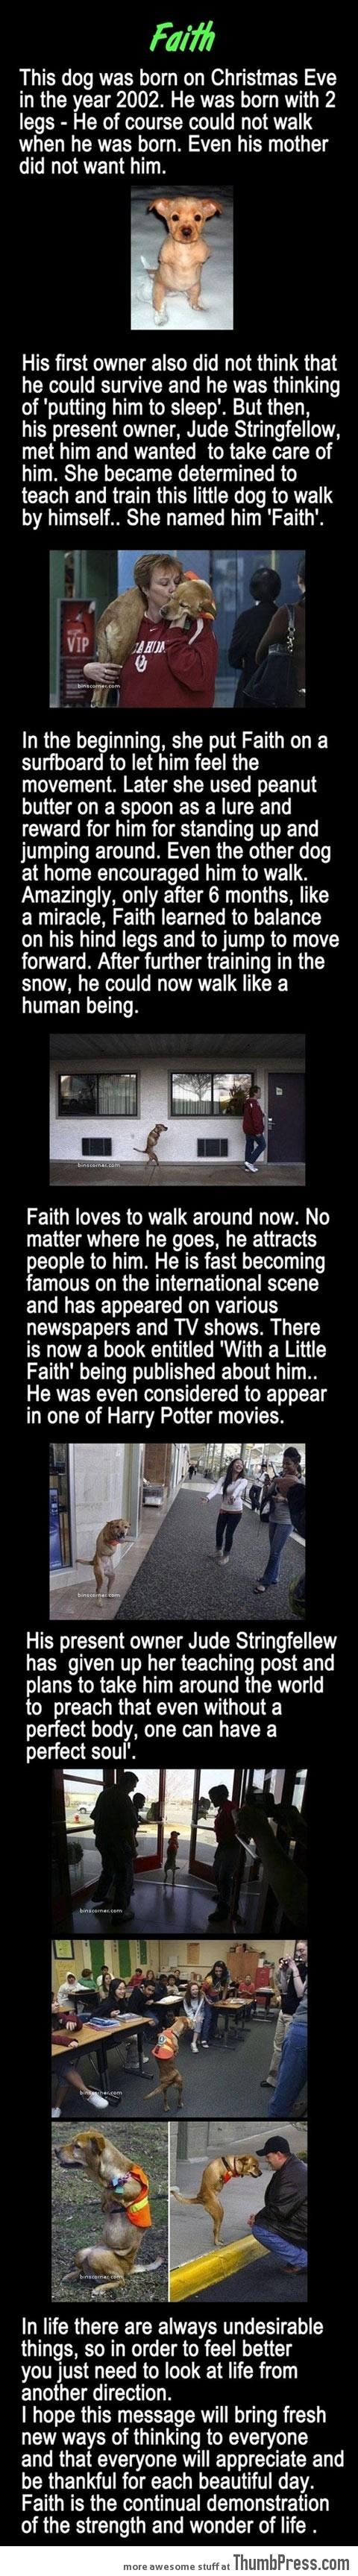 MEET FAITH - A HEART MELTING STORY